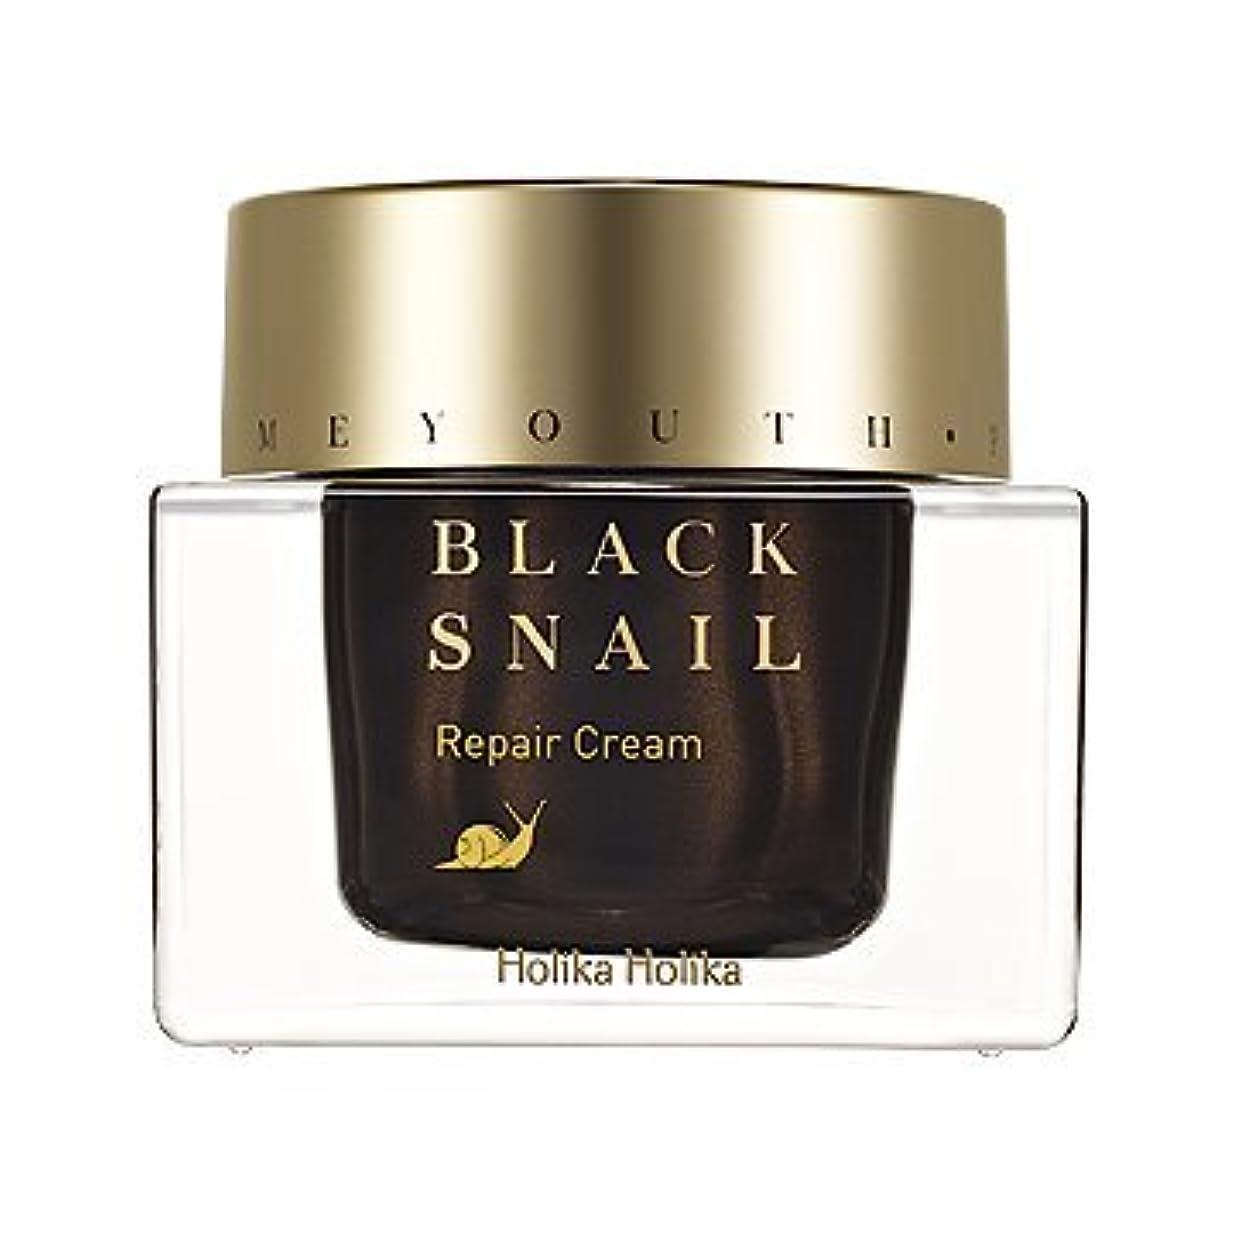 区別気をつけてピューHolikaHolika(ホリカホリカ) Prime Youth Black Snail Repair Cream プライムユースブラックスネイルクリーム カタツムリ エスカルゴ [並行輸入品]